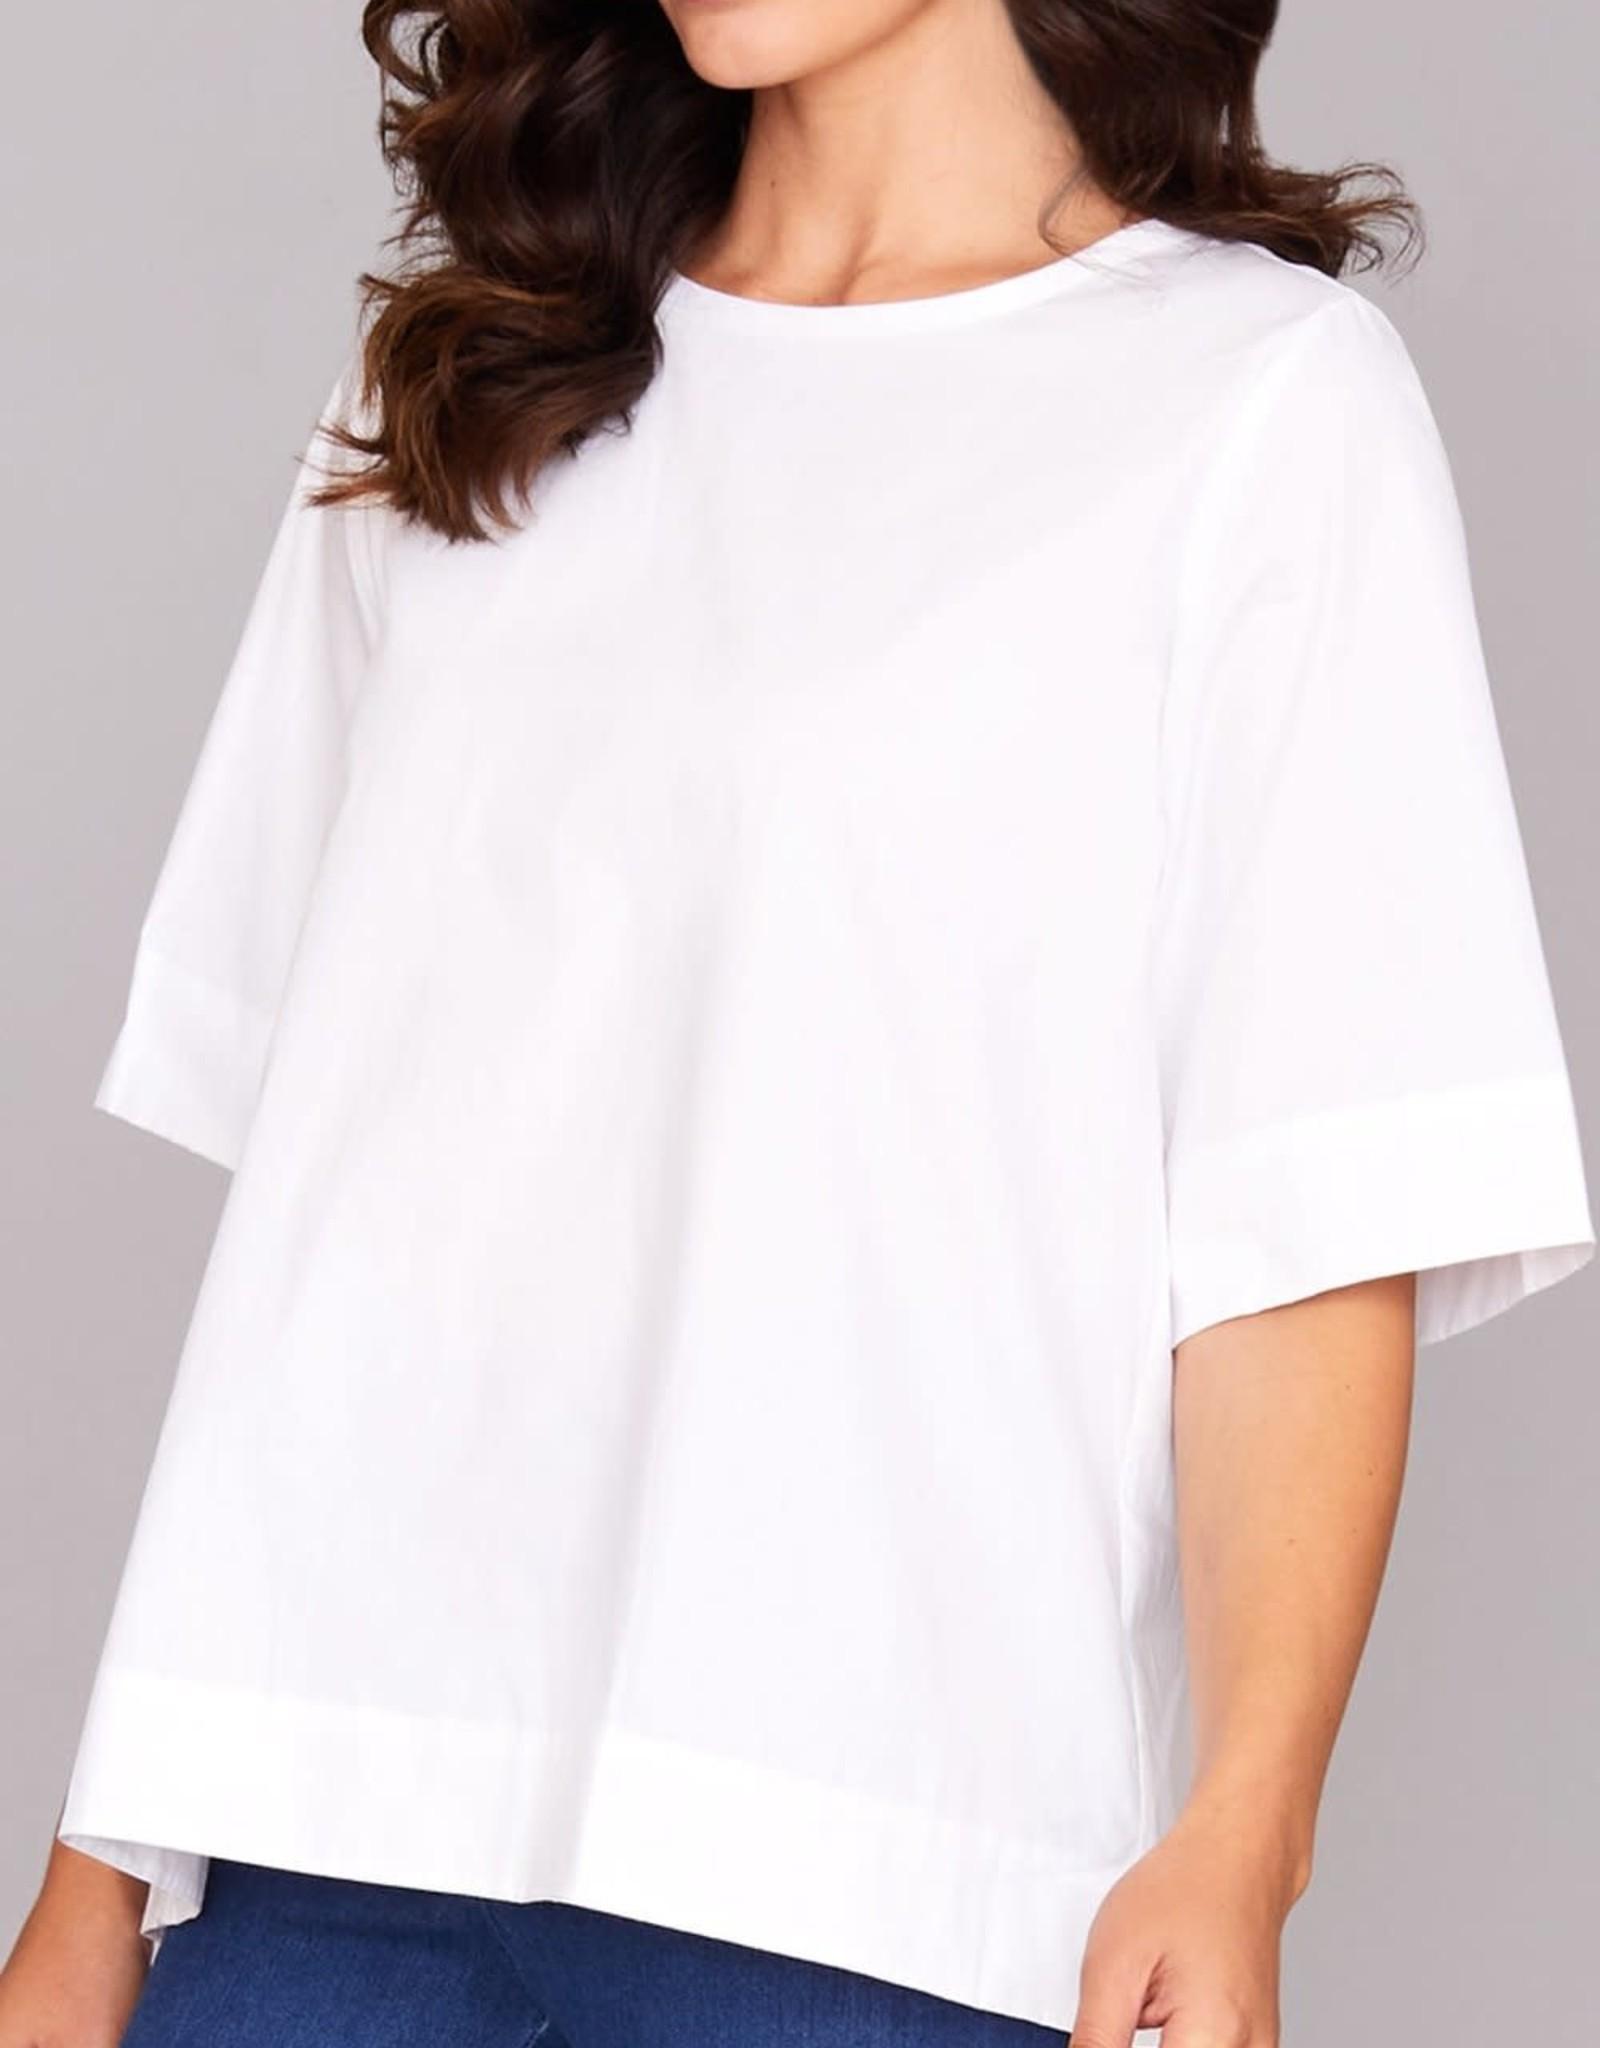 PEACE OF CLOTH Lennon Cotton Blouse